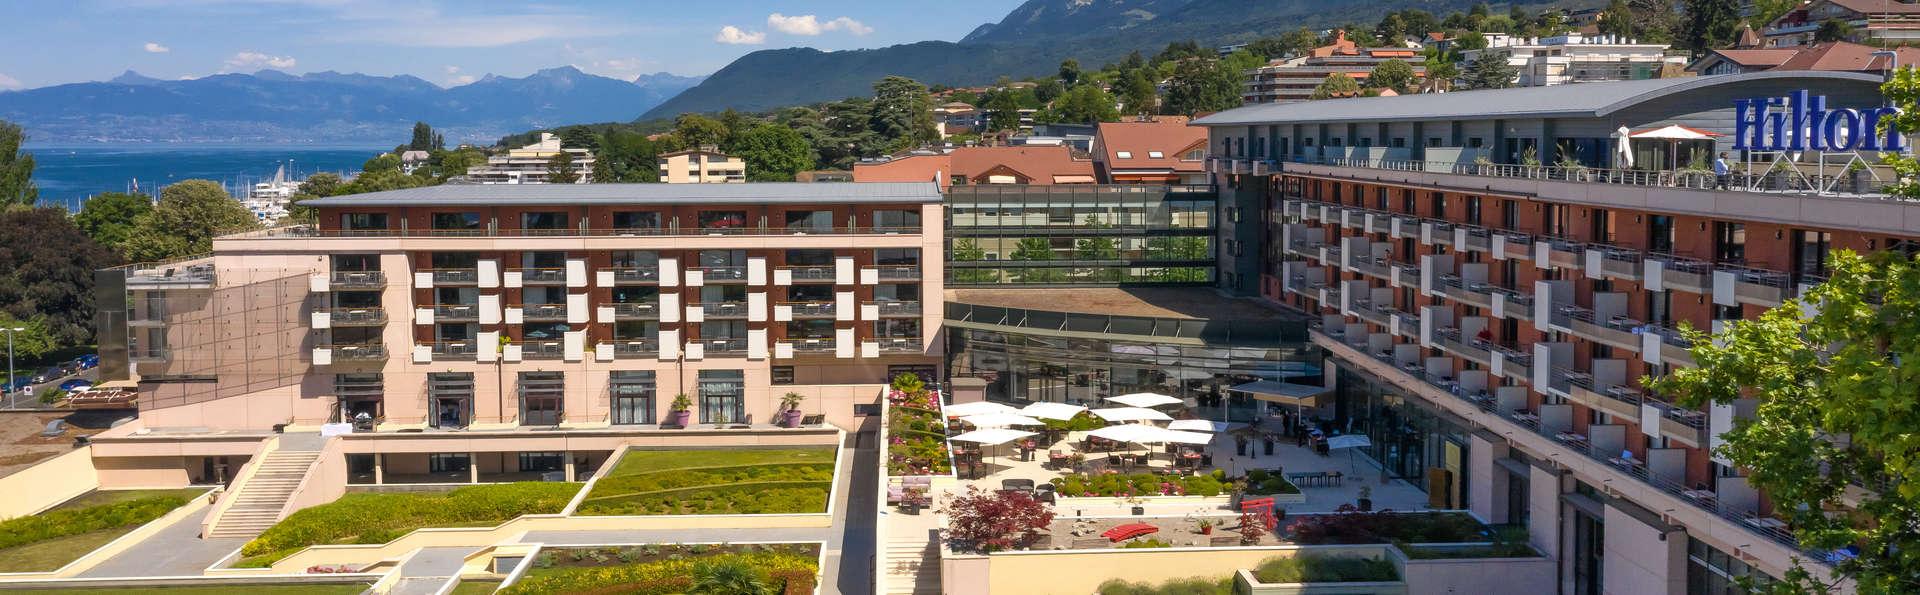 Hilton Évian les Bains - Cover-_Hilton_Evian-Les-Bains_-_Lifestyle.jpg